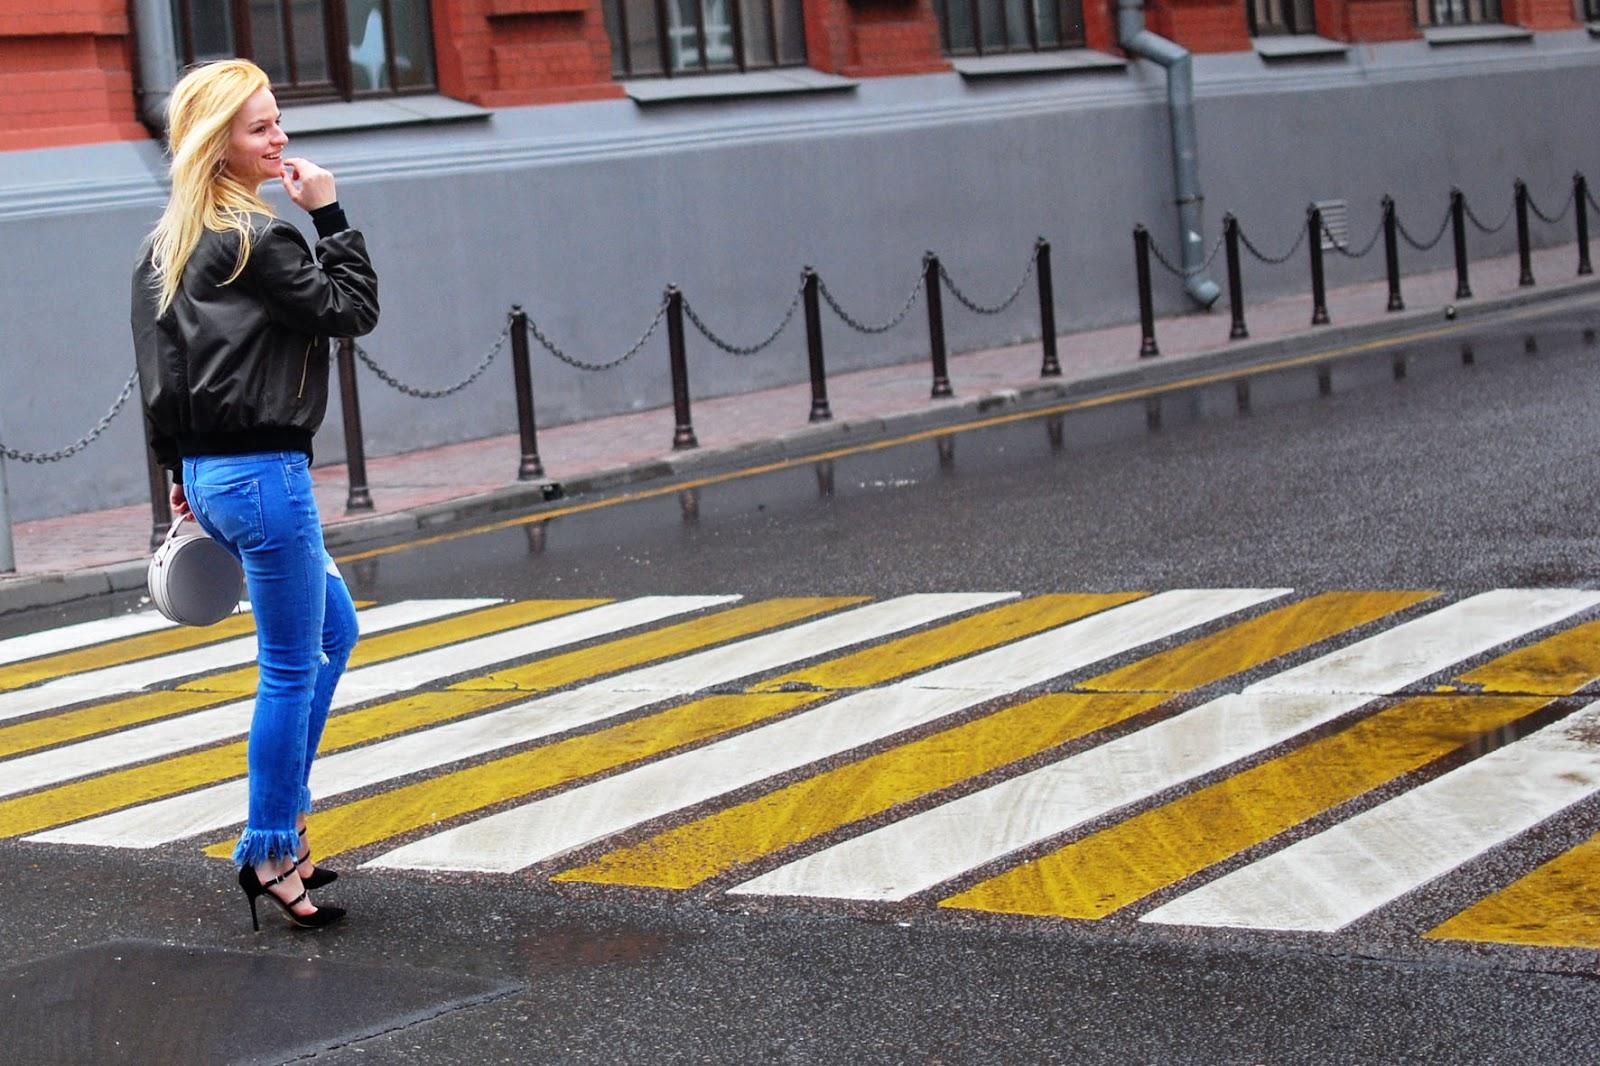 с чем носить бомбер весной, уличная мода луки 2016, модные девушки москвы, лучшие блоггеры россии